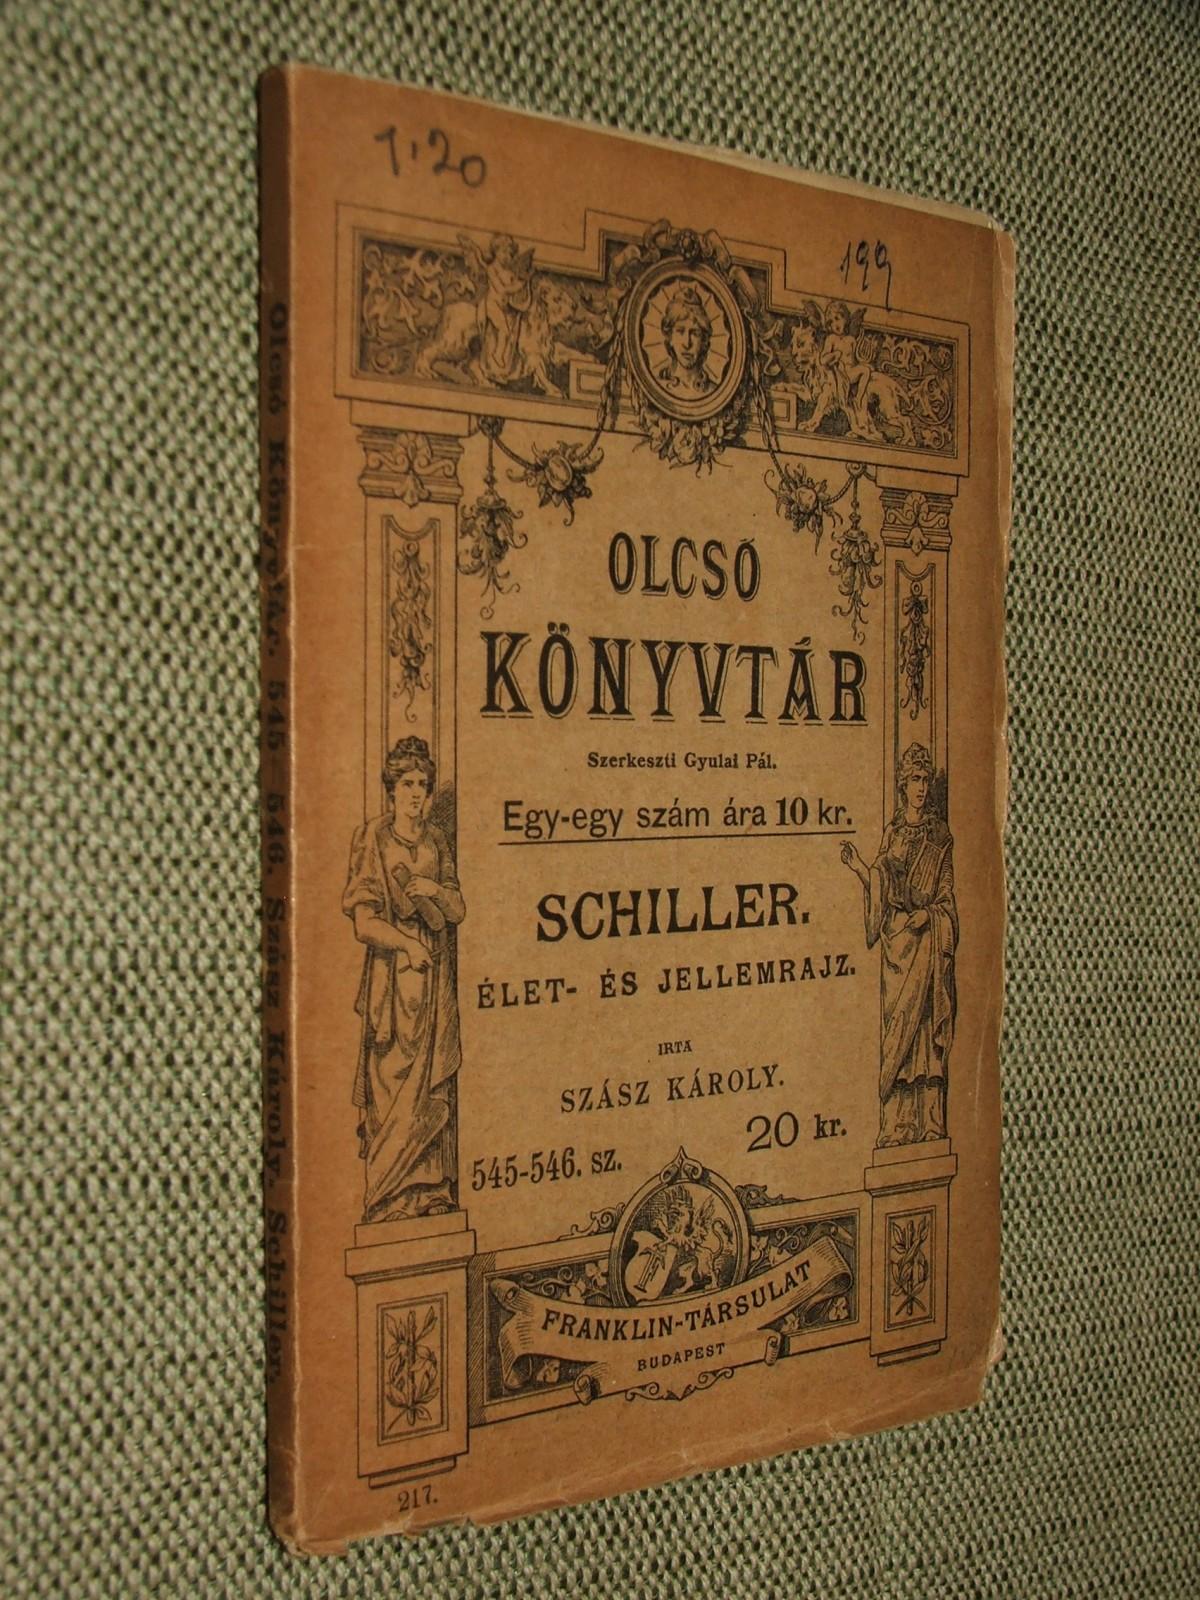 SZÁSZ Károly: Schiller.